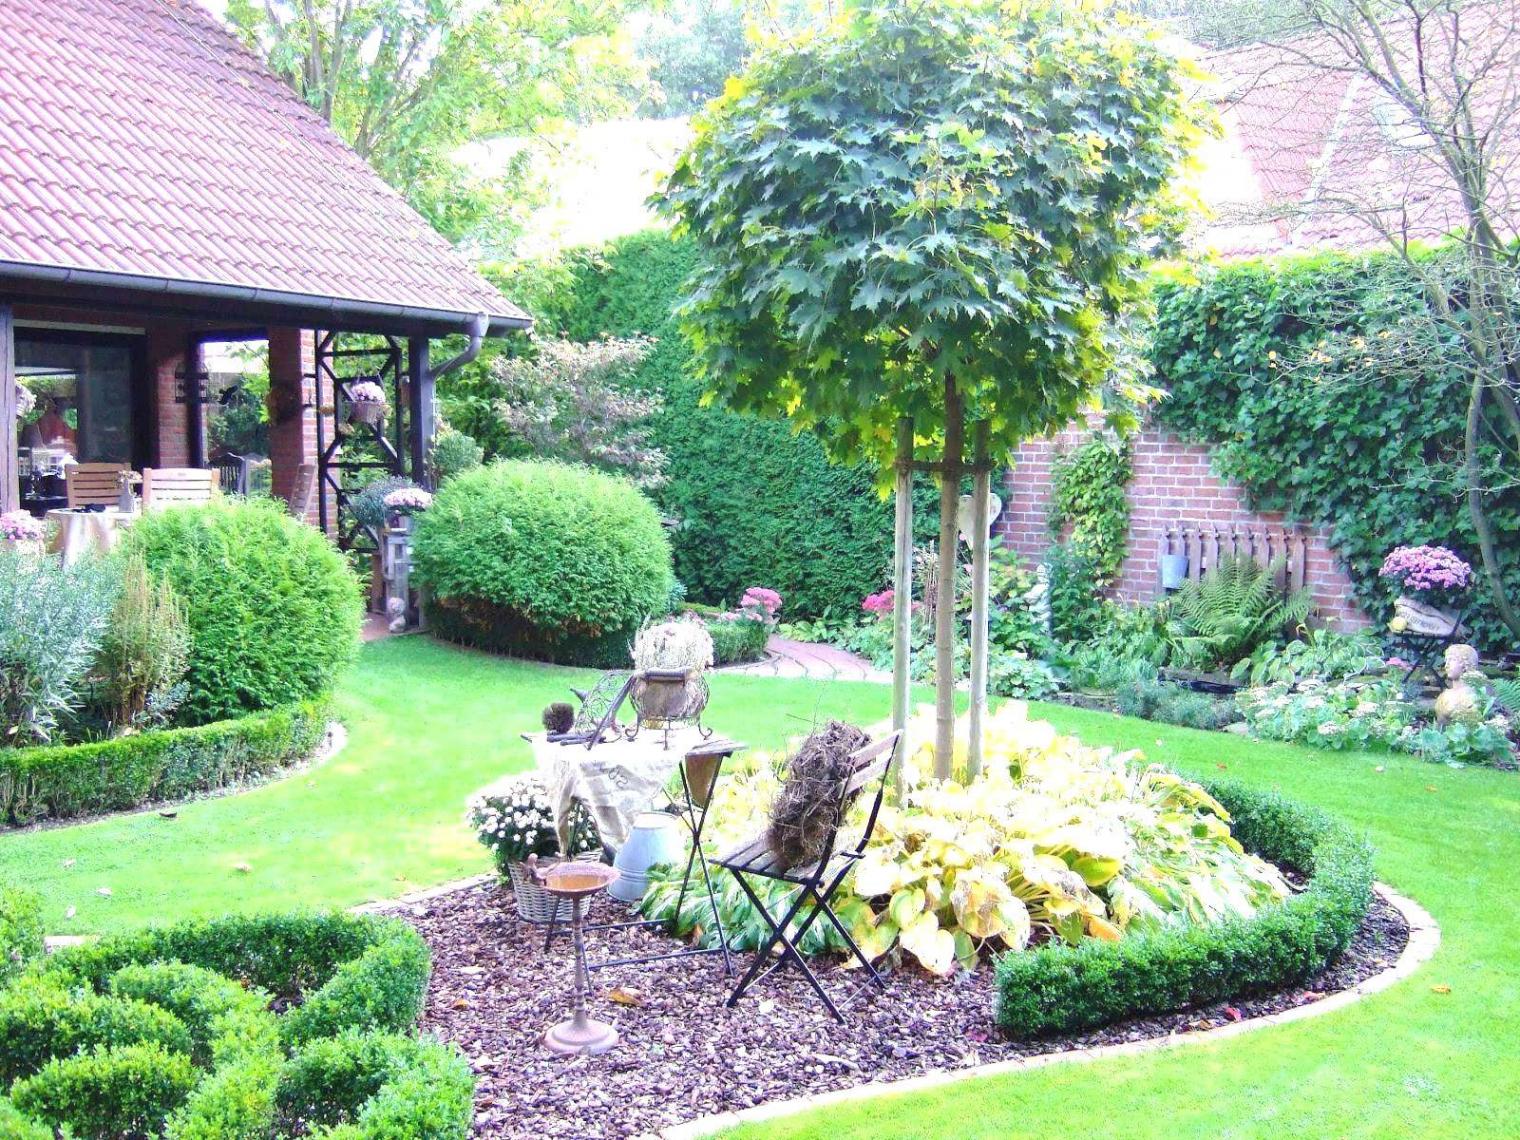 garten ideas garten anlegen inspirational aussenleuchten garten 0d kleiner reihenhausgarten gestalten kleiner reihenhausgarten gestalten